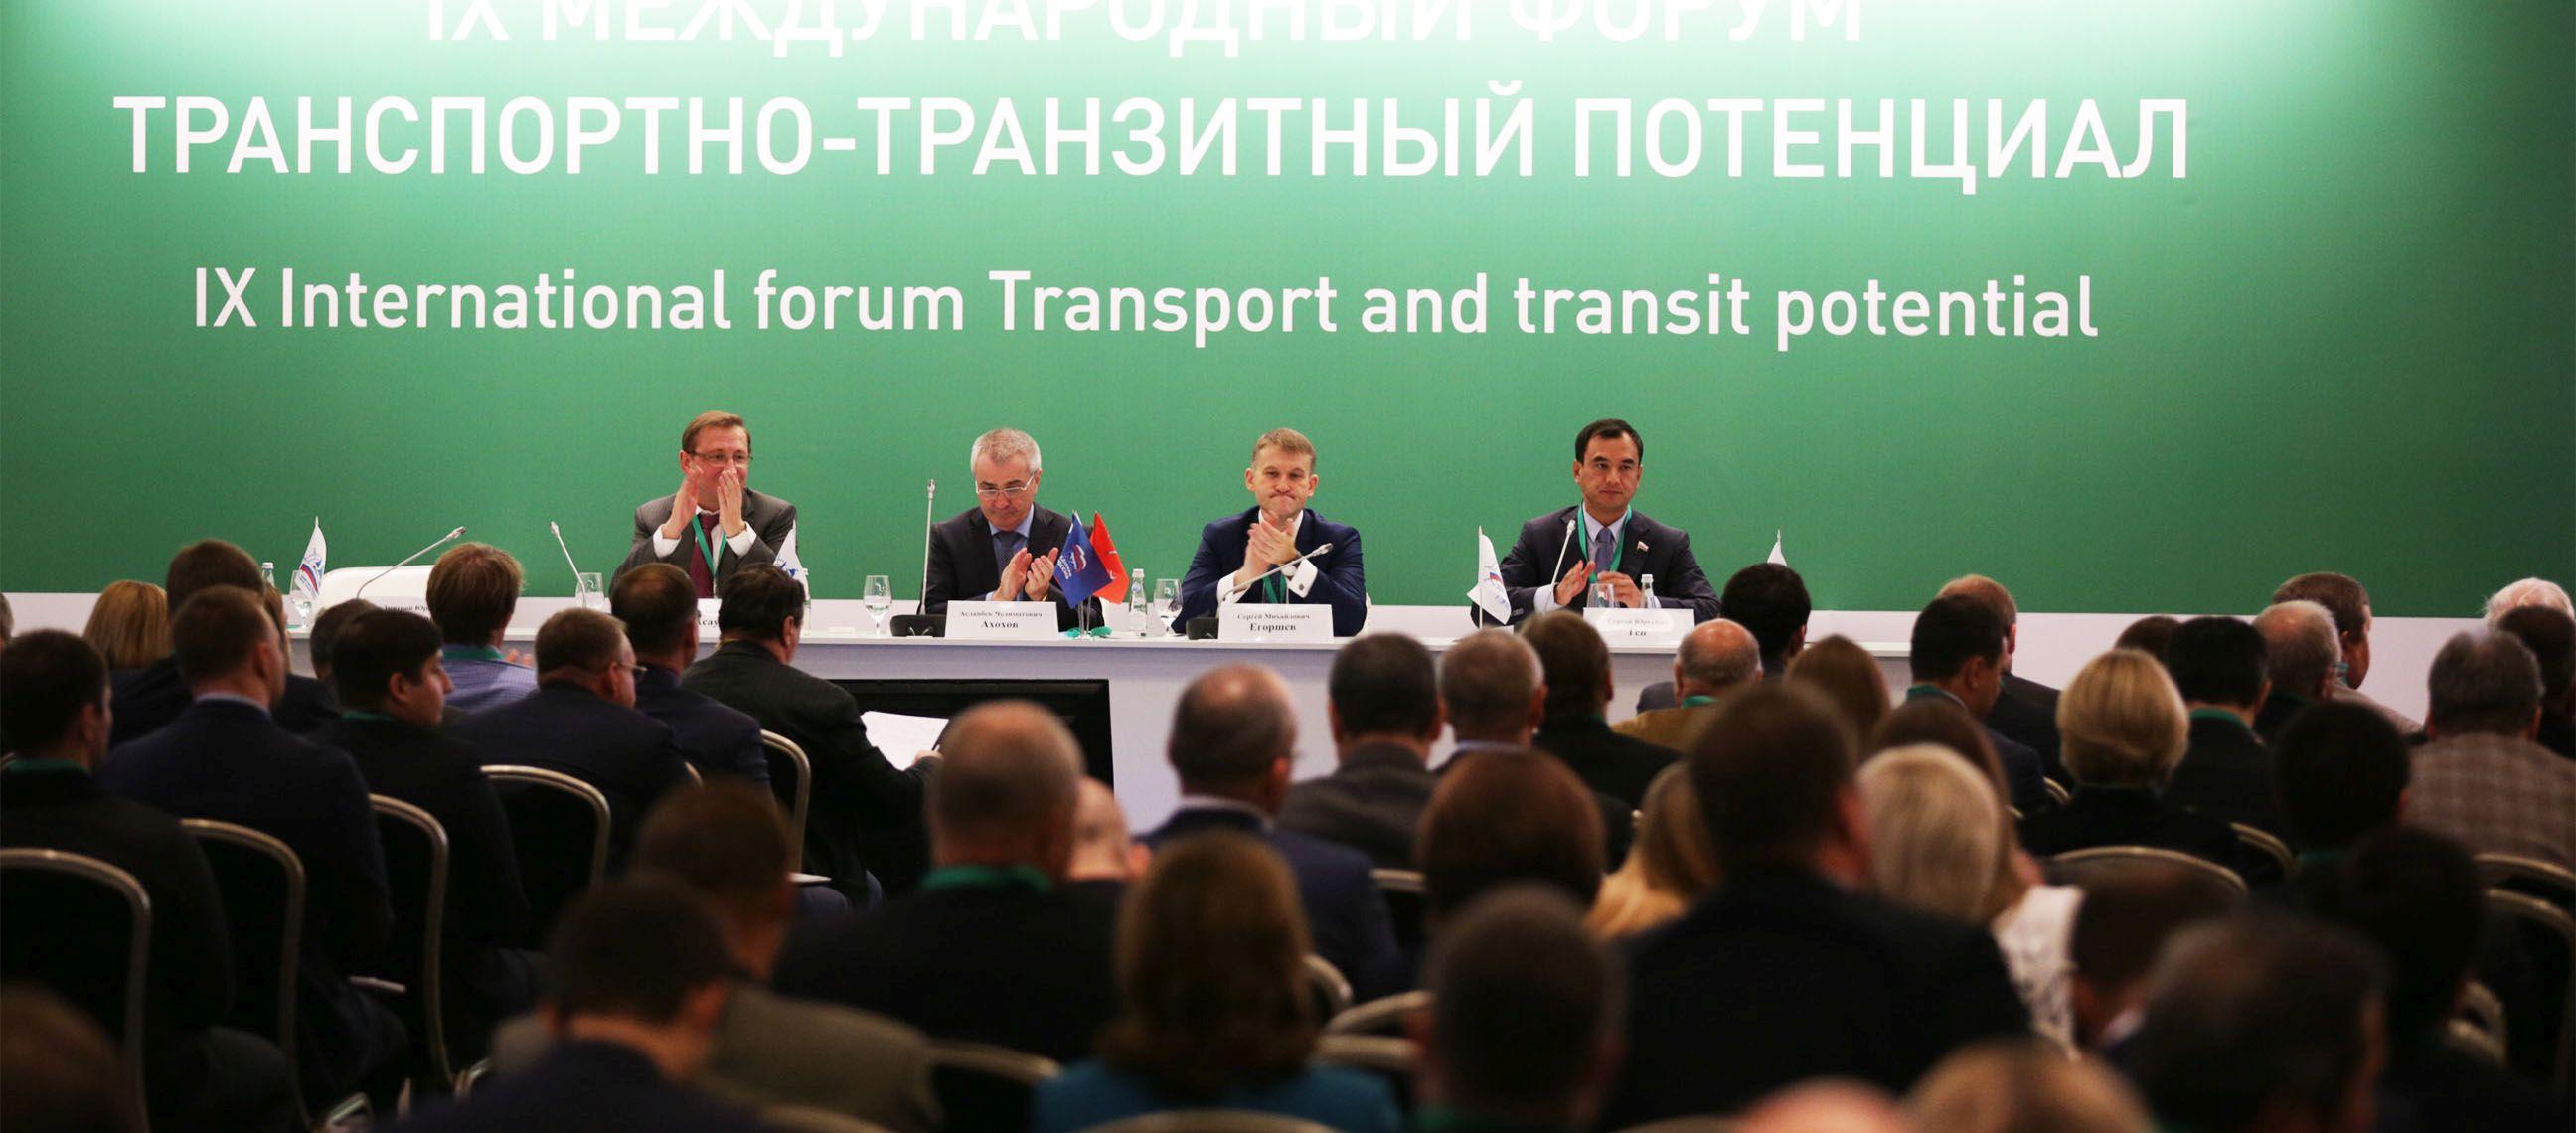 В Санкт-Петербурге открылся IX Международный форум «Транспортно-транзитный потенциал»